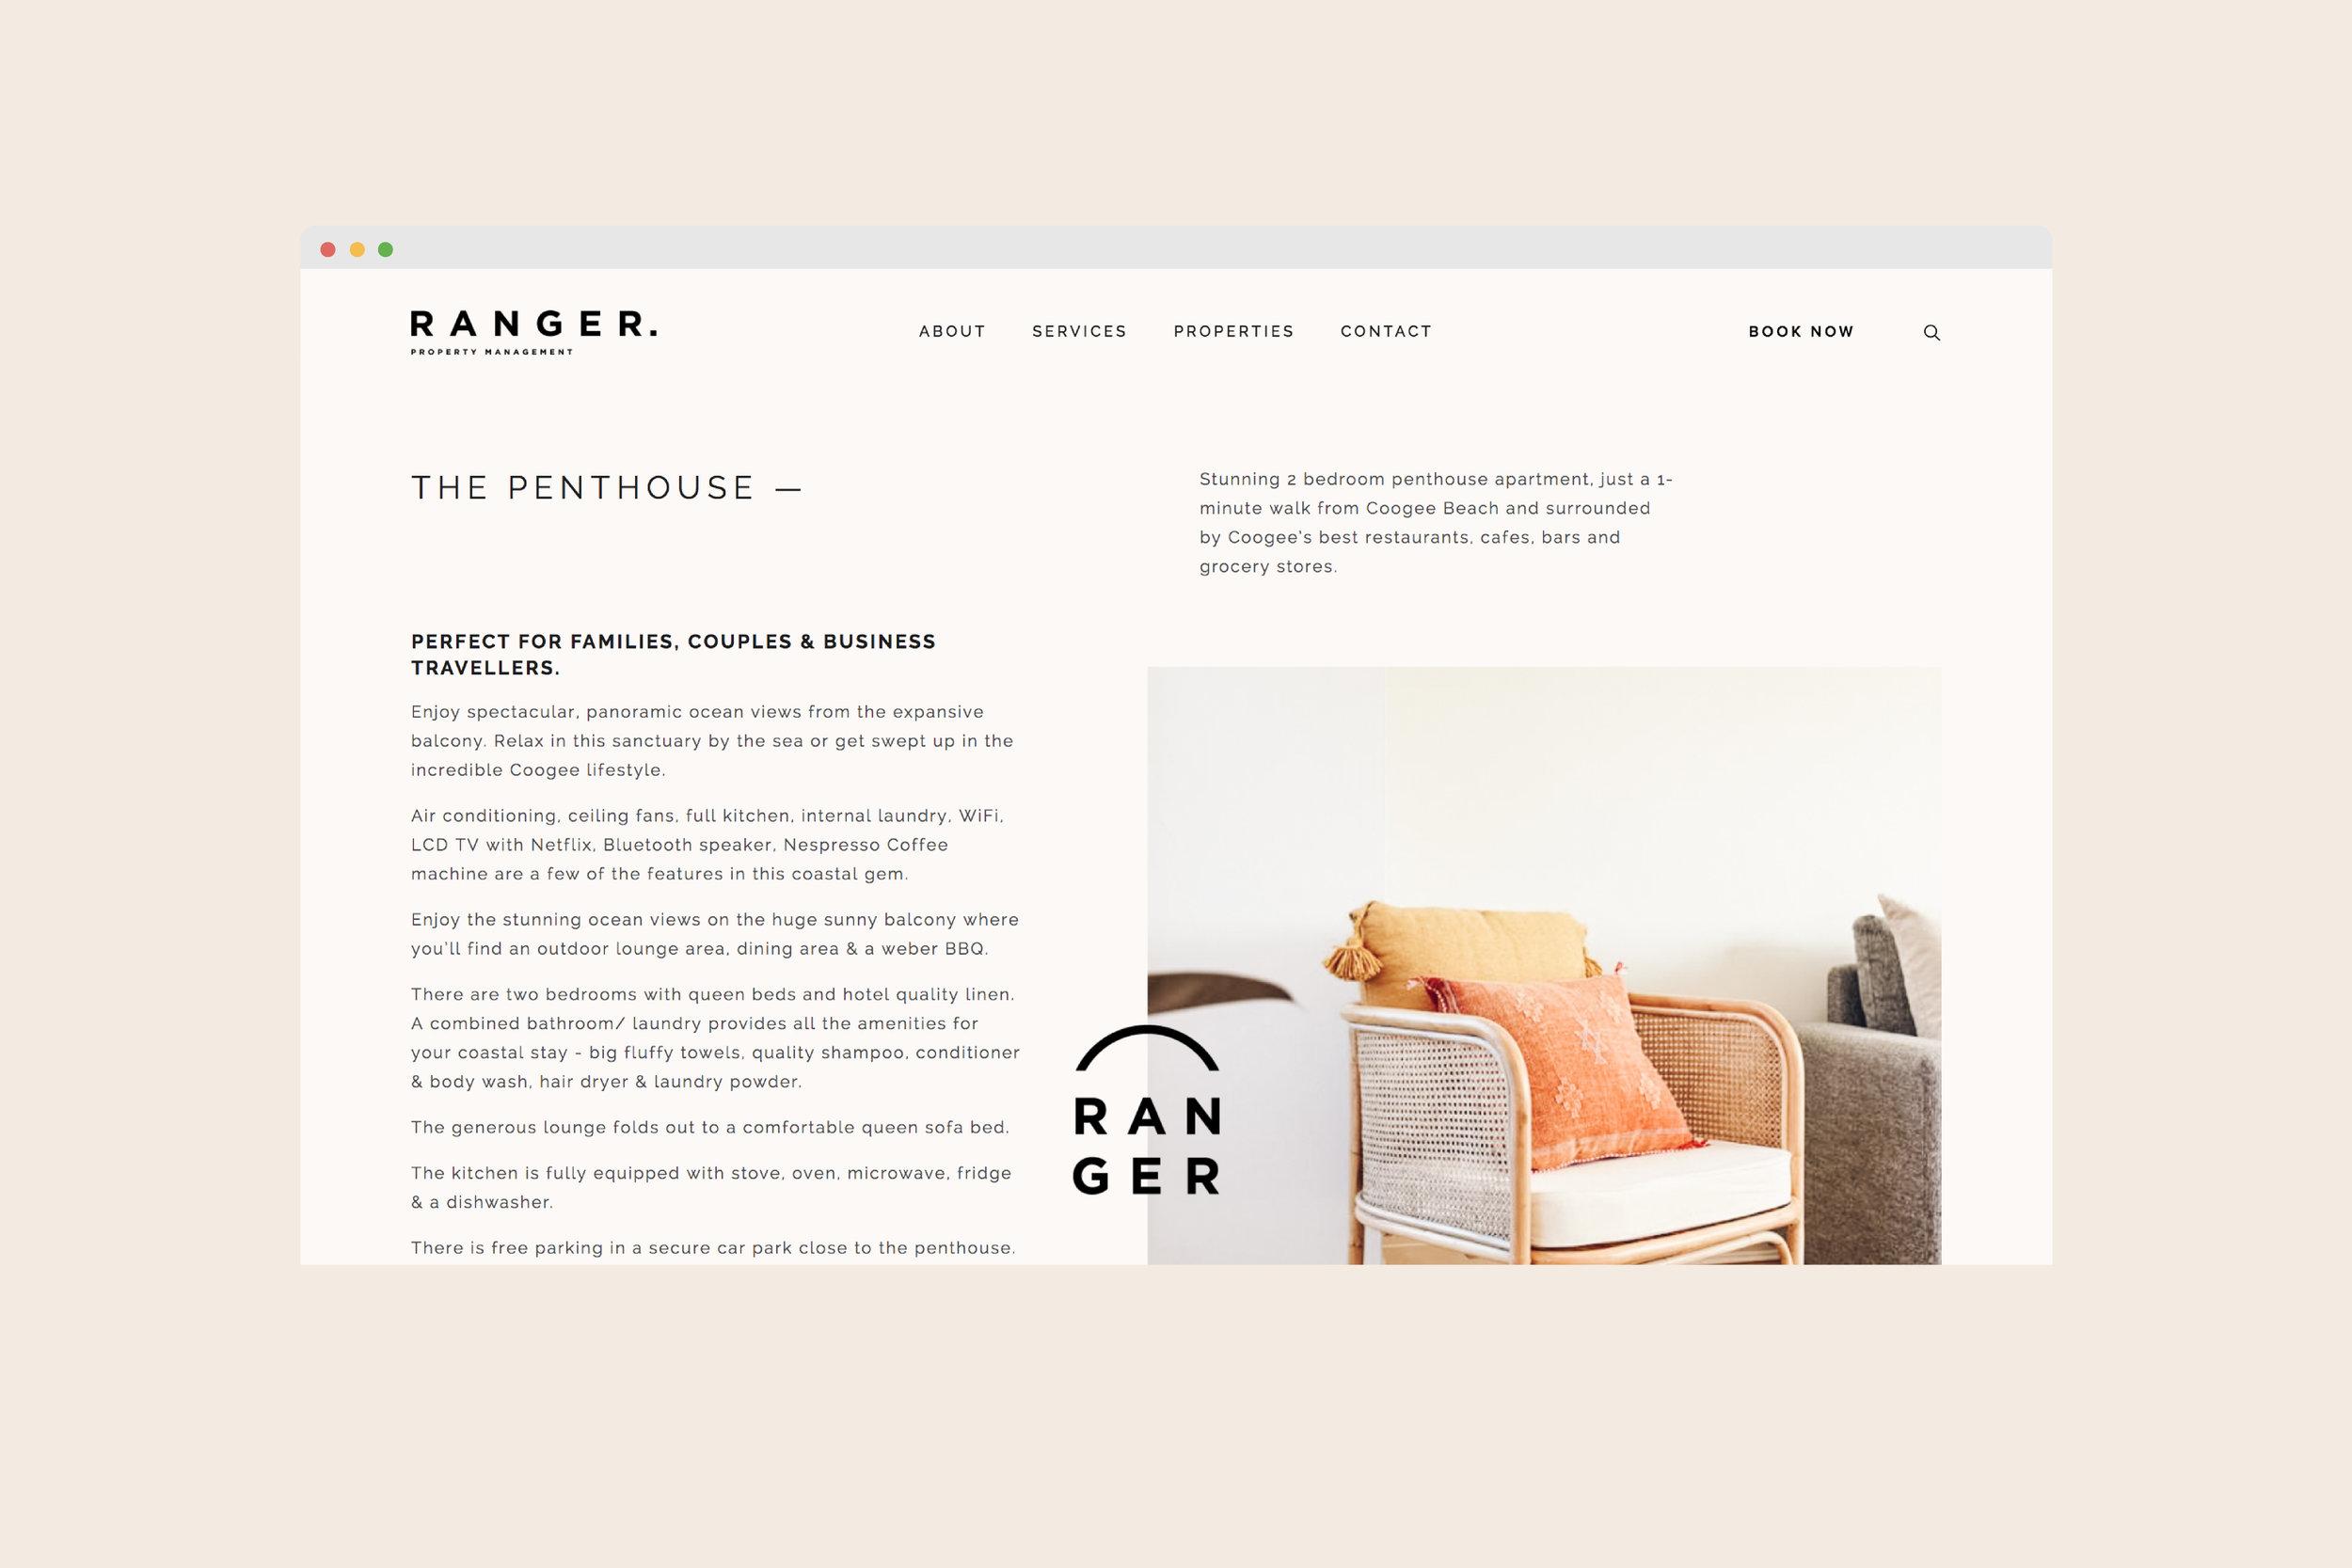 ranger3-mintlane.jpg